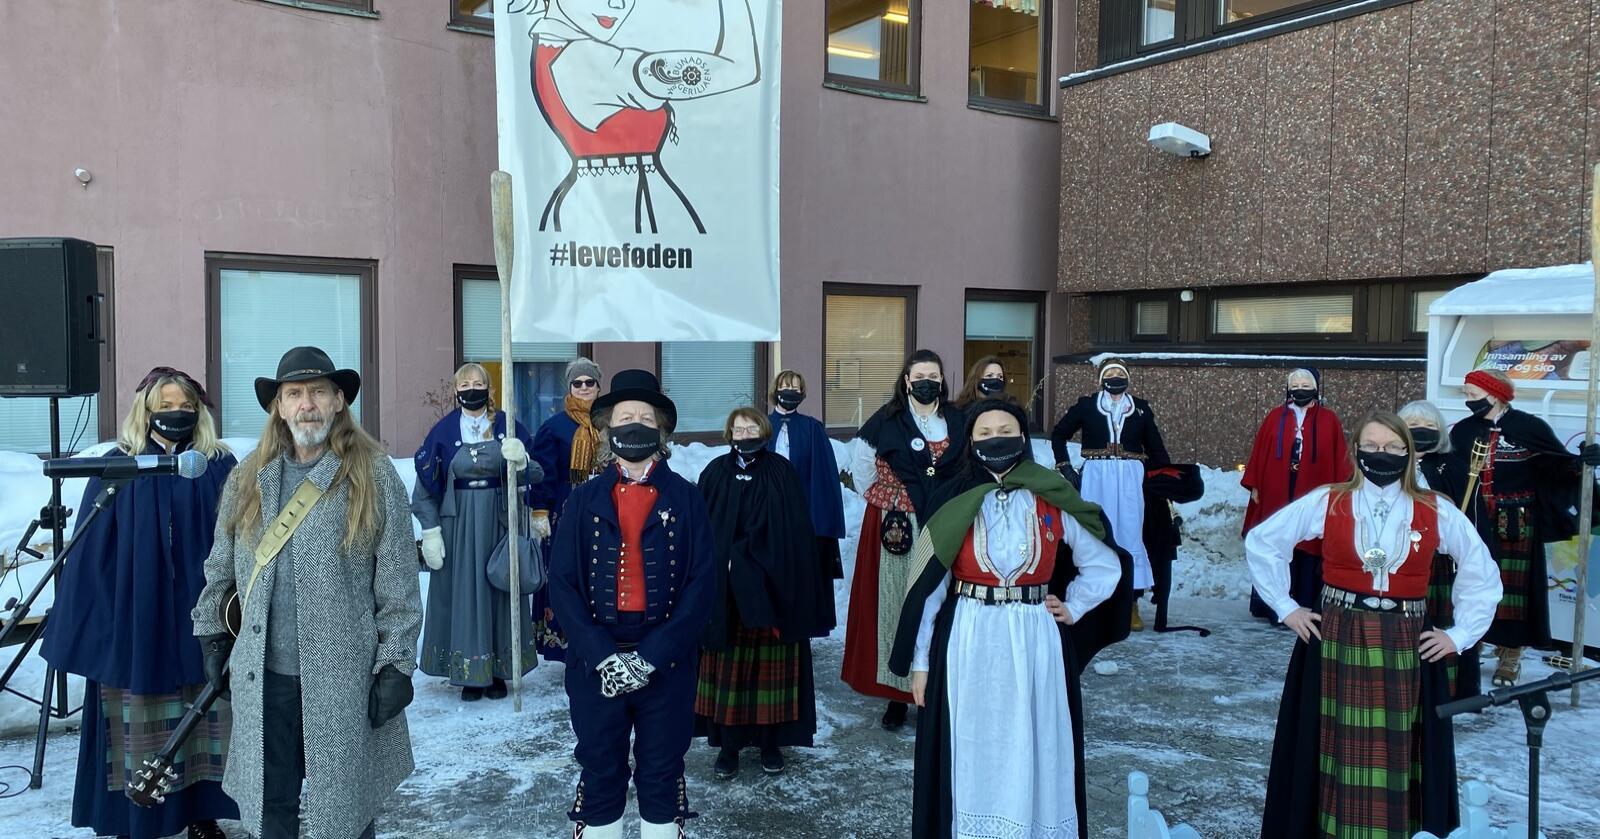 Fra folkedypet: Markeringer som her, mot stenging av fødetilbodet i Kristiansund, er ikke Sp-ledelsens påfunn, skriver Nationens spaltist. Foto: Privat